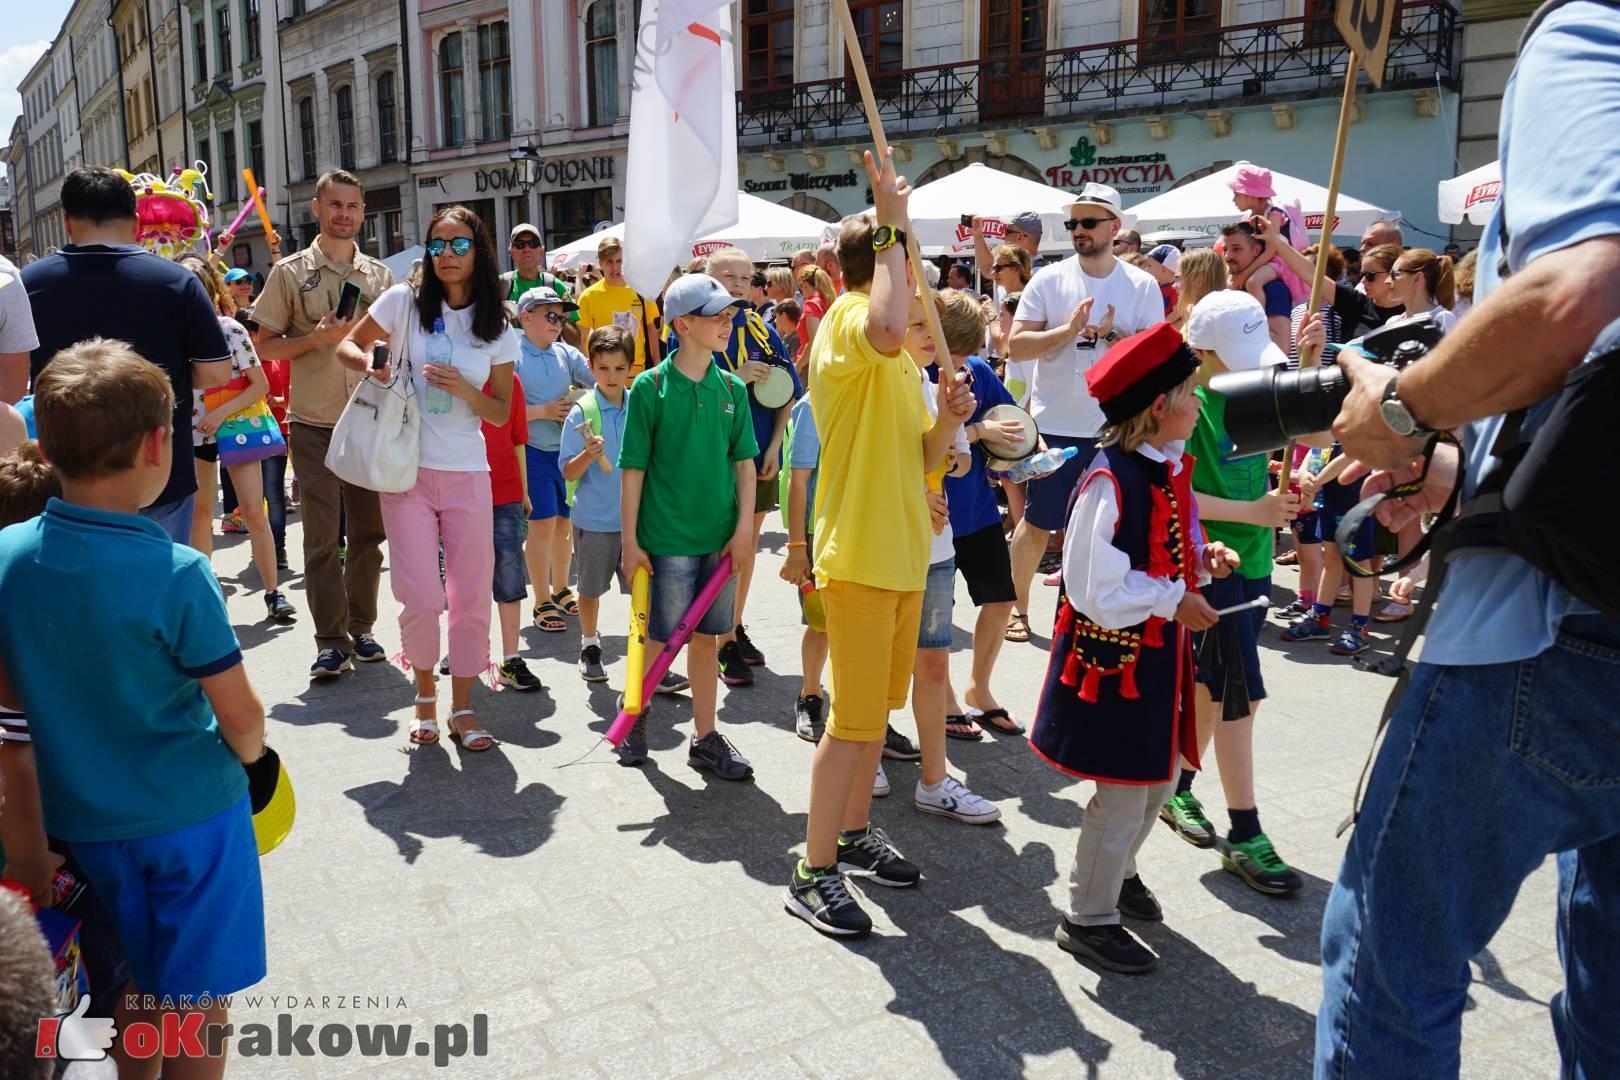 wielka parada smokow przeszla przez krakow w 40 smokow do okola swiata 2019 47 150x150 - Parada Smoków przeszła przez Kraków. Obszerna galeria zdjęć - 2 czerwca 2019 w Krakowie